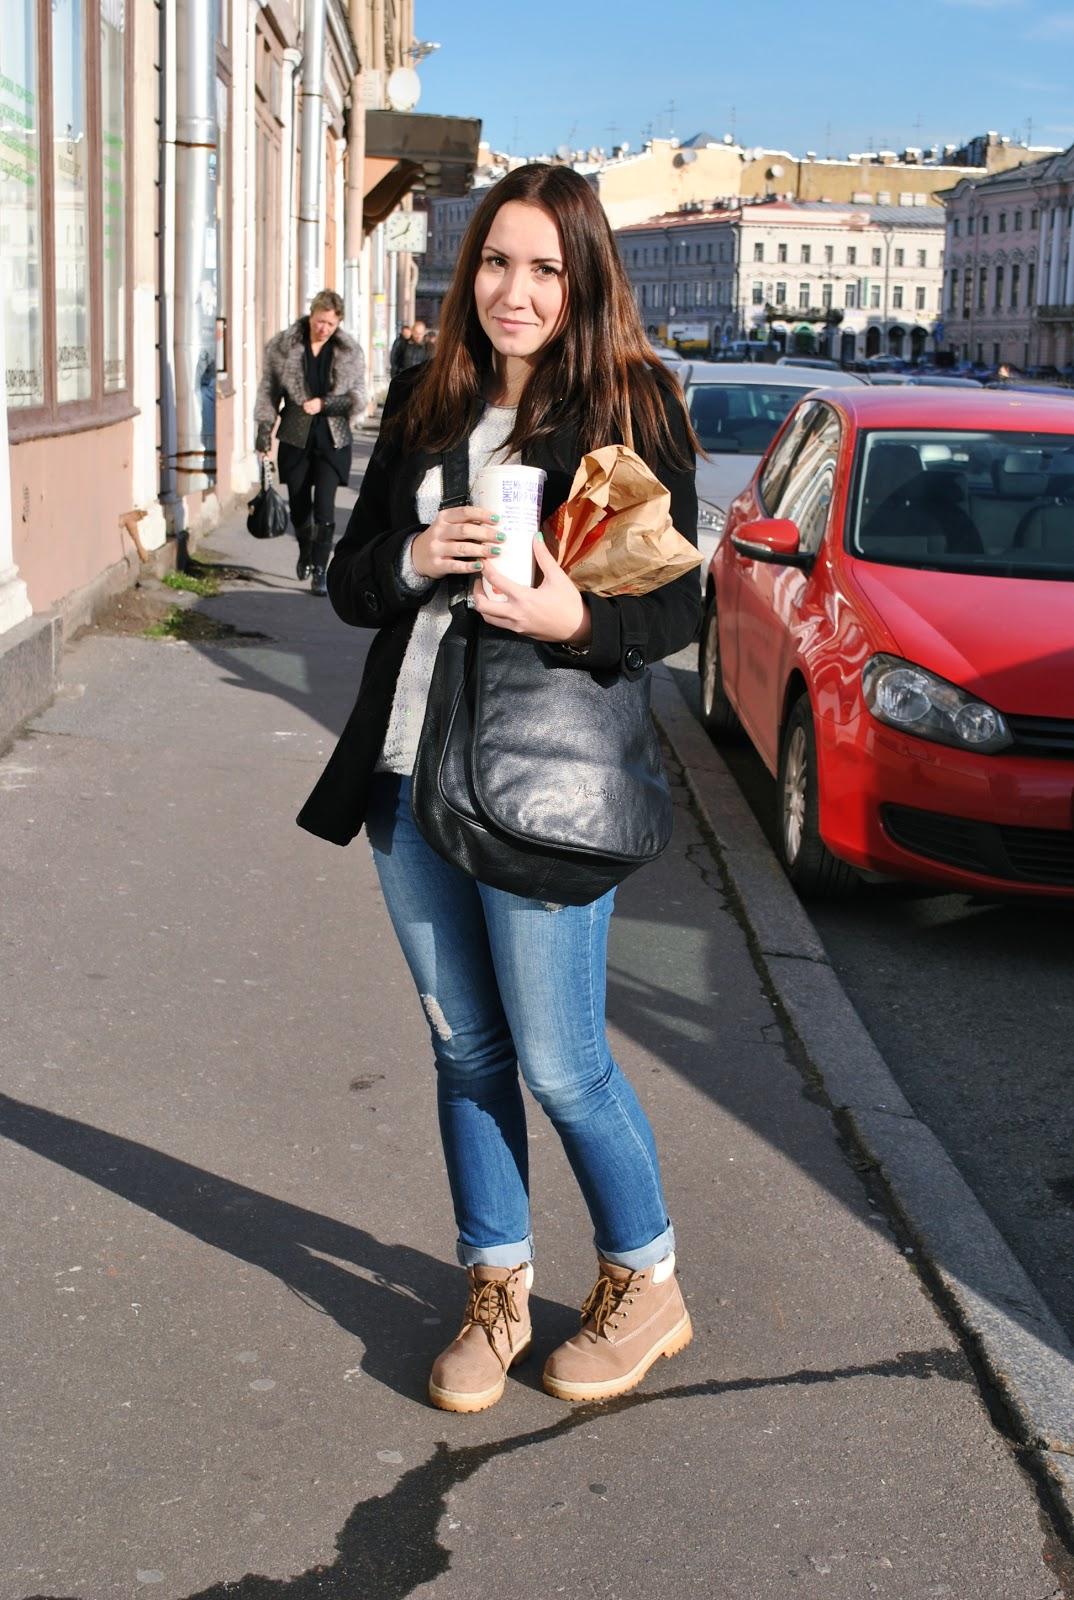 Макдоналдс - быстрое питание, Екатеринбург, ул